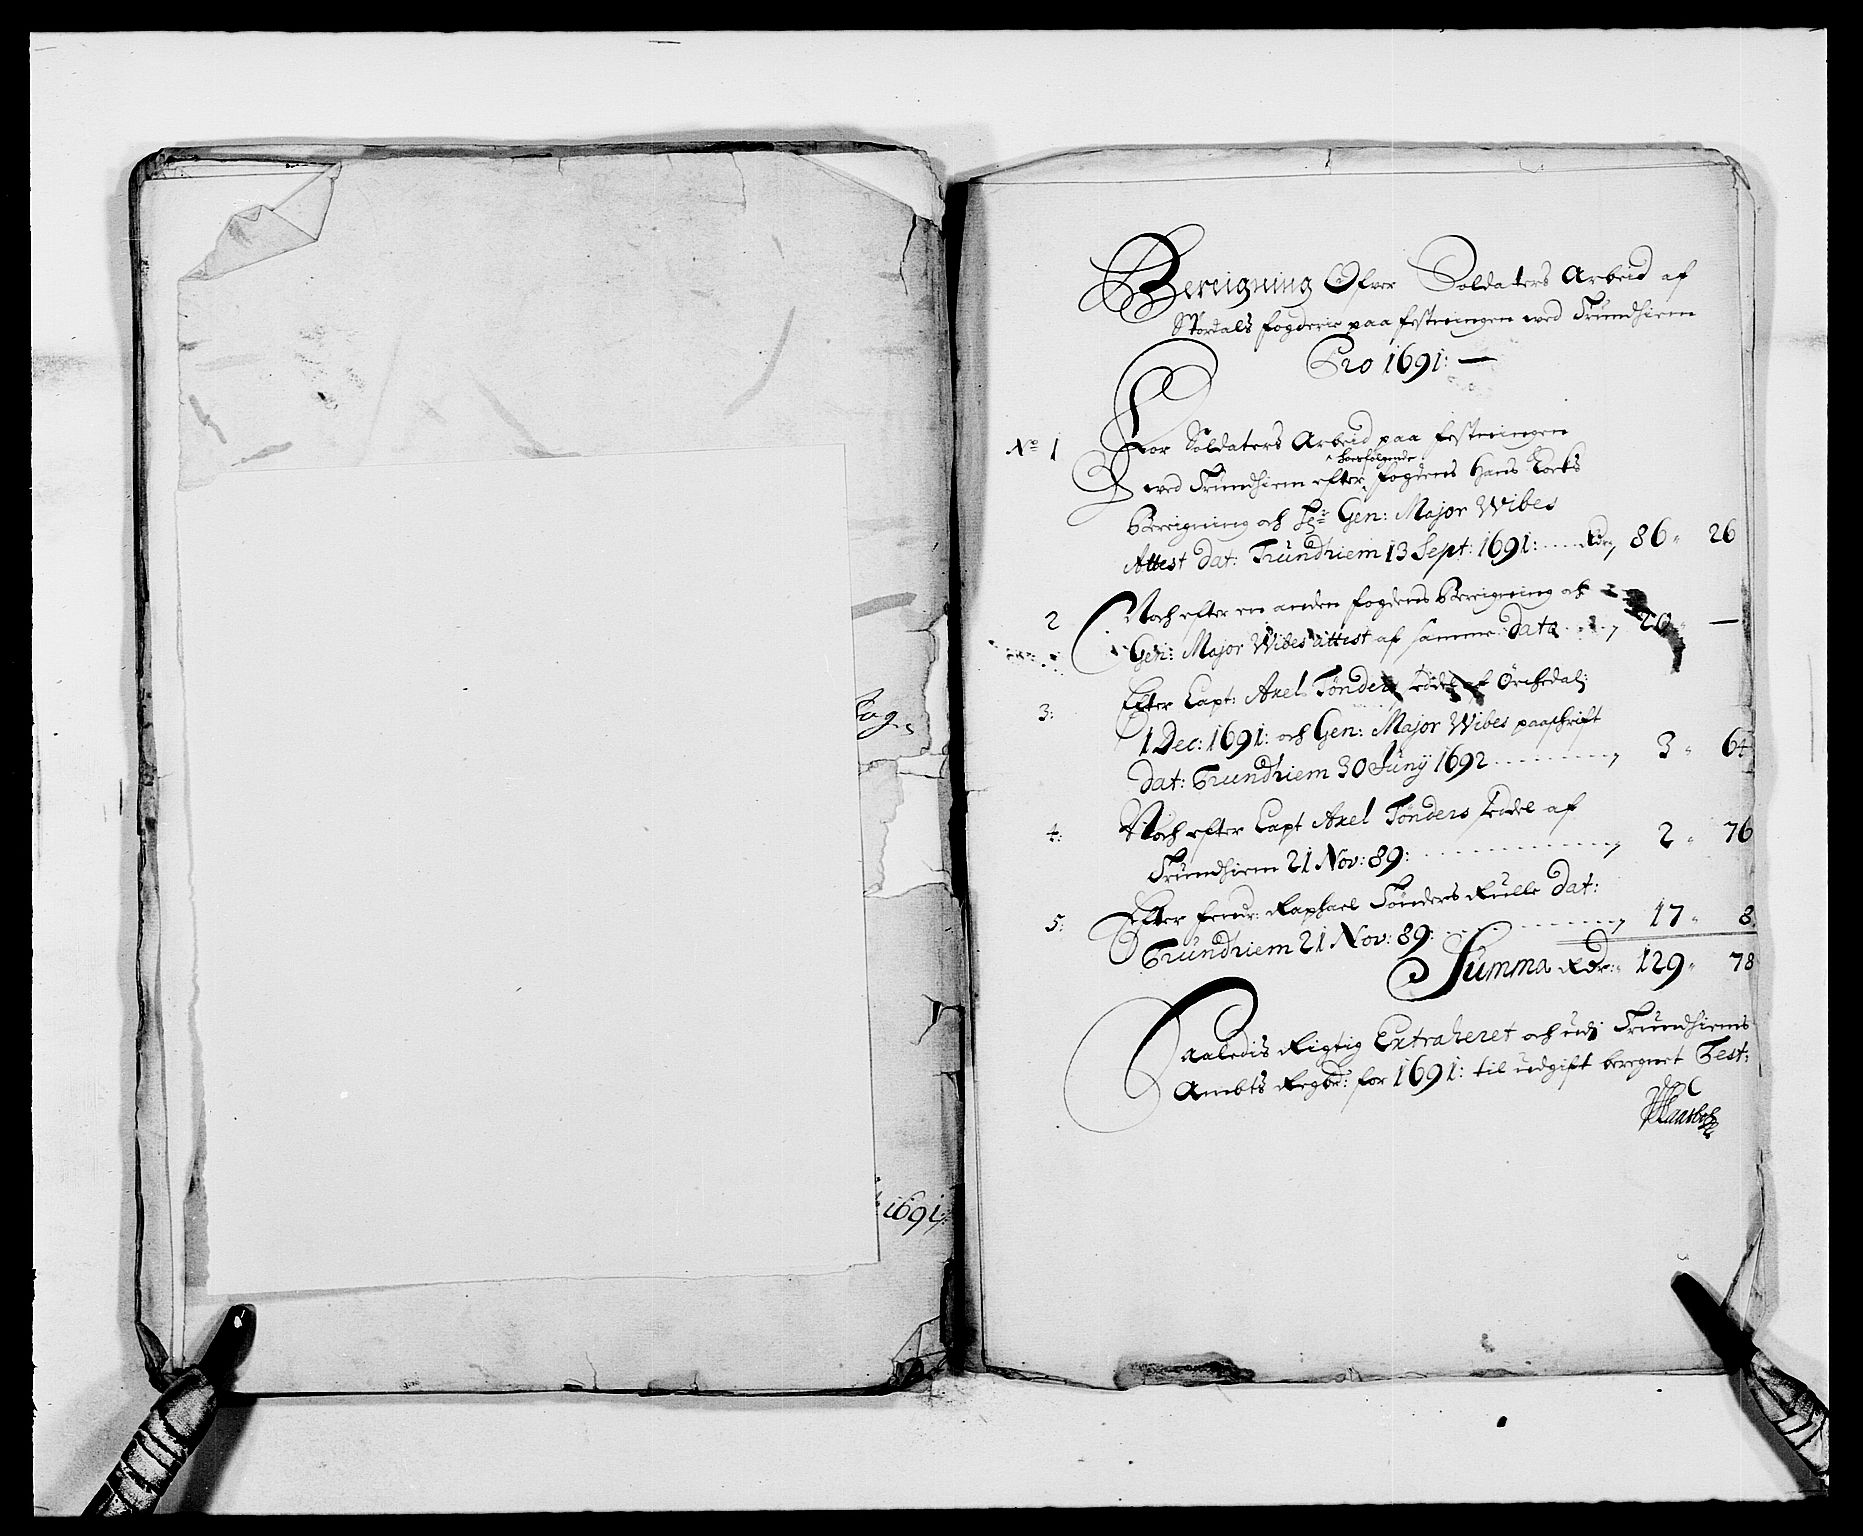 RA, Rentekammeret inntil 1814, Reviderte regnskaper, Fogderegnskap, R62/L4184: Fogderegnskap Stjørdal og Verdal, 1690-1691, s. 477